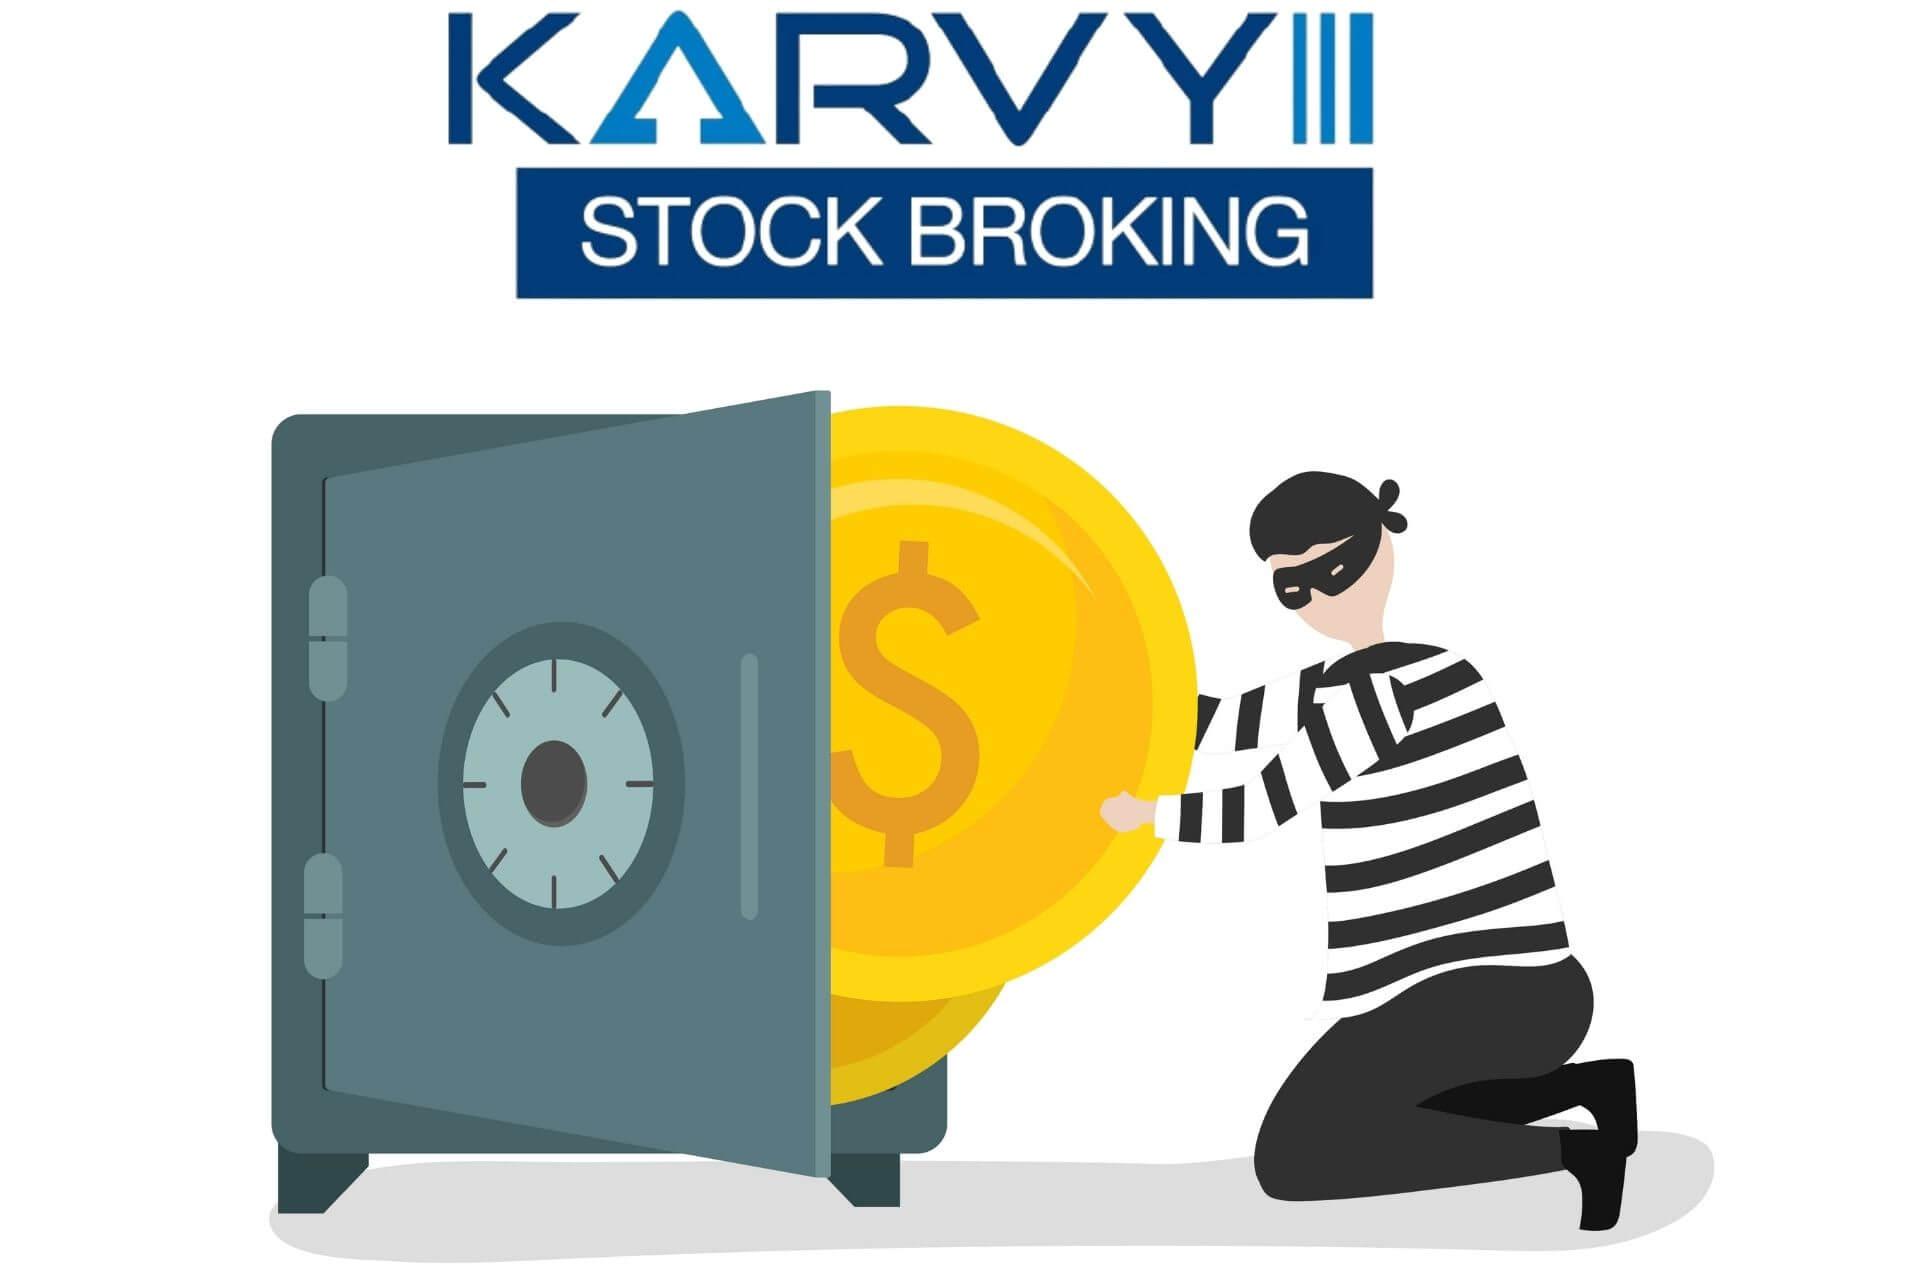 Karvy Scam Explained: Money Heist by Karvy Stock Broking